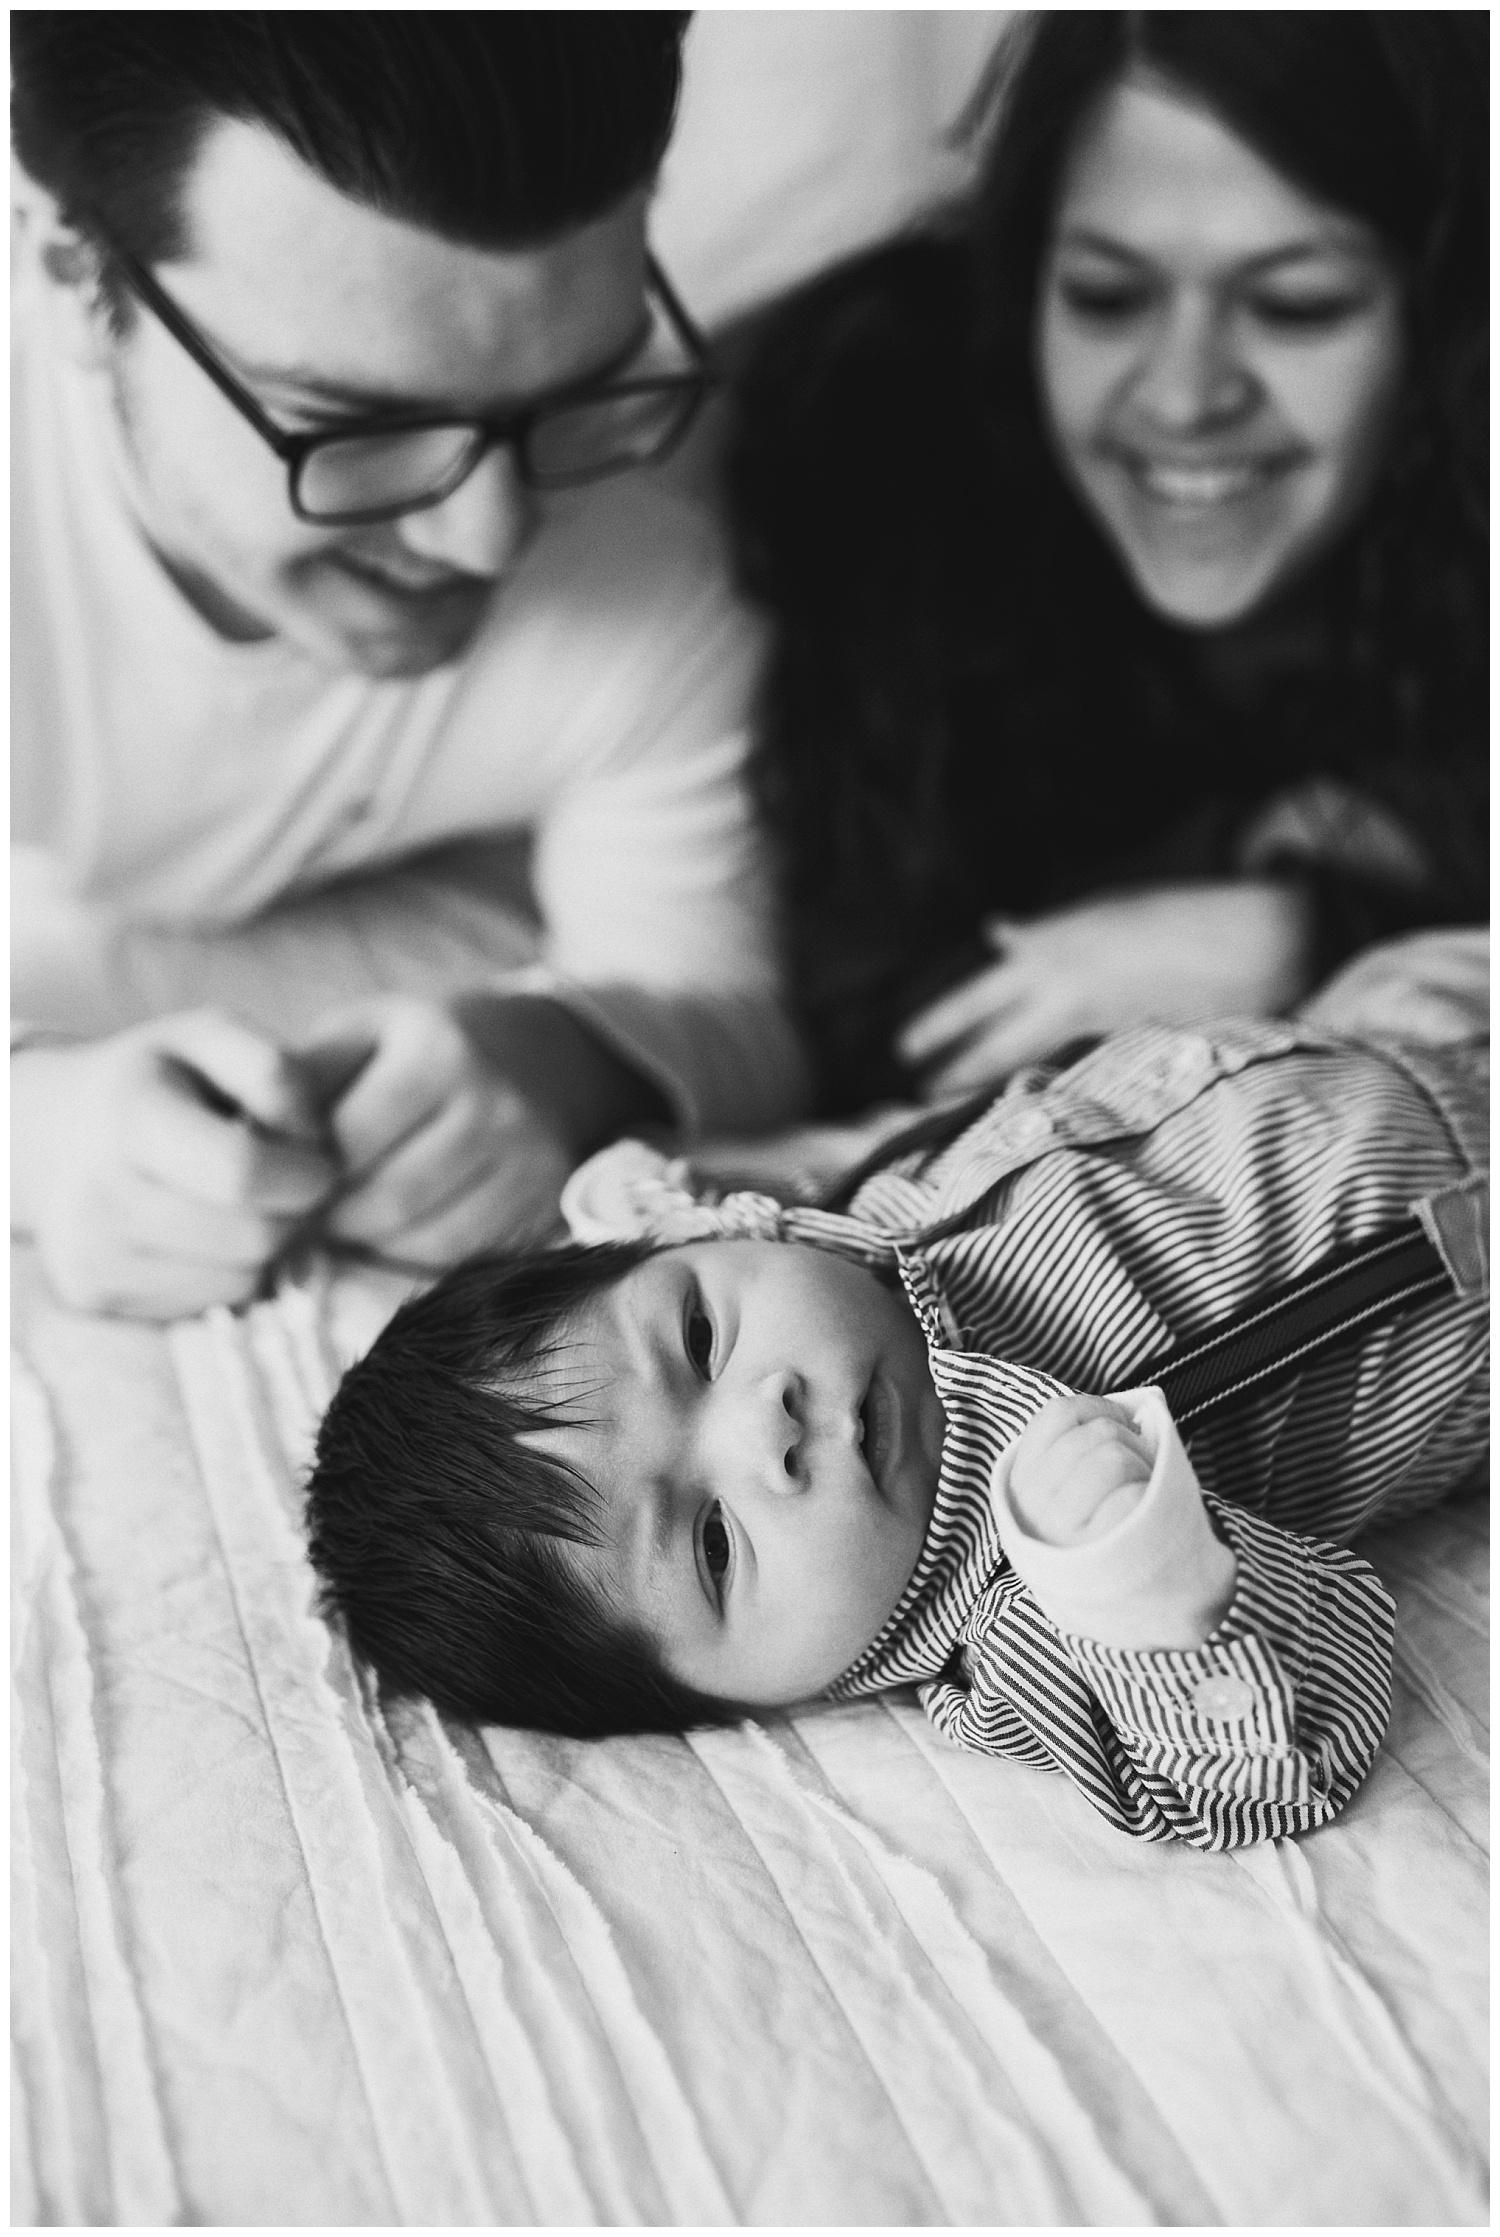 Milwaukee-newborn-photographer-2019 (7).jpg